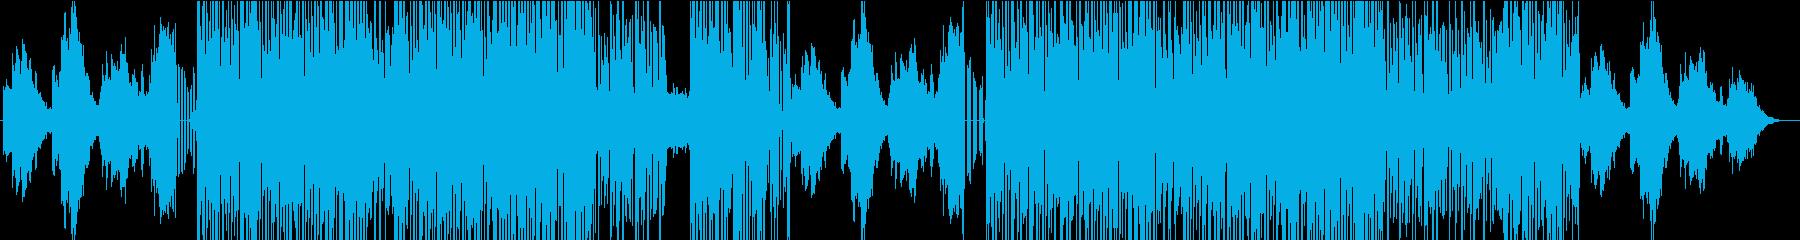 明るいシンセリードのアップテンポ曲の再生済みの波形